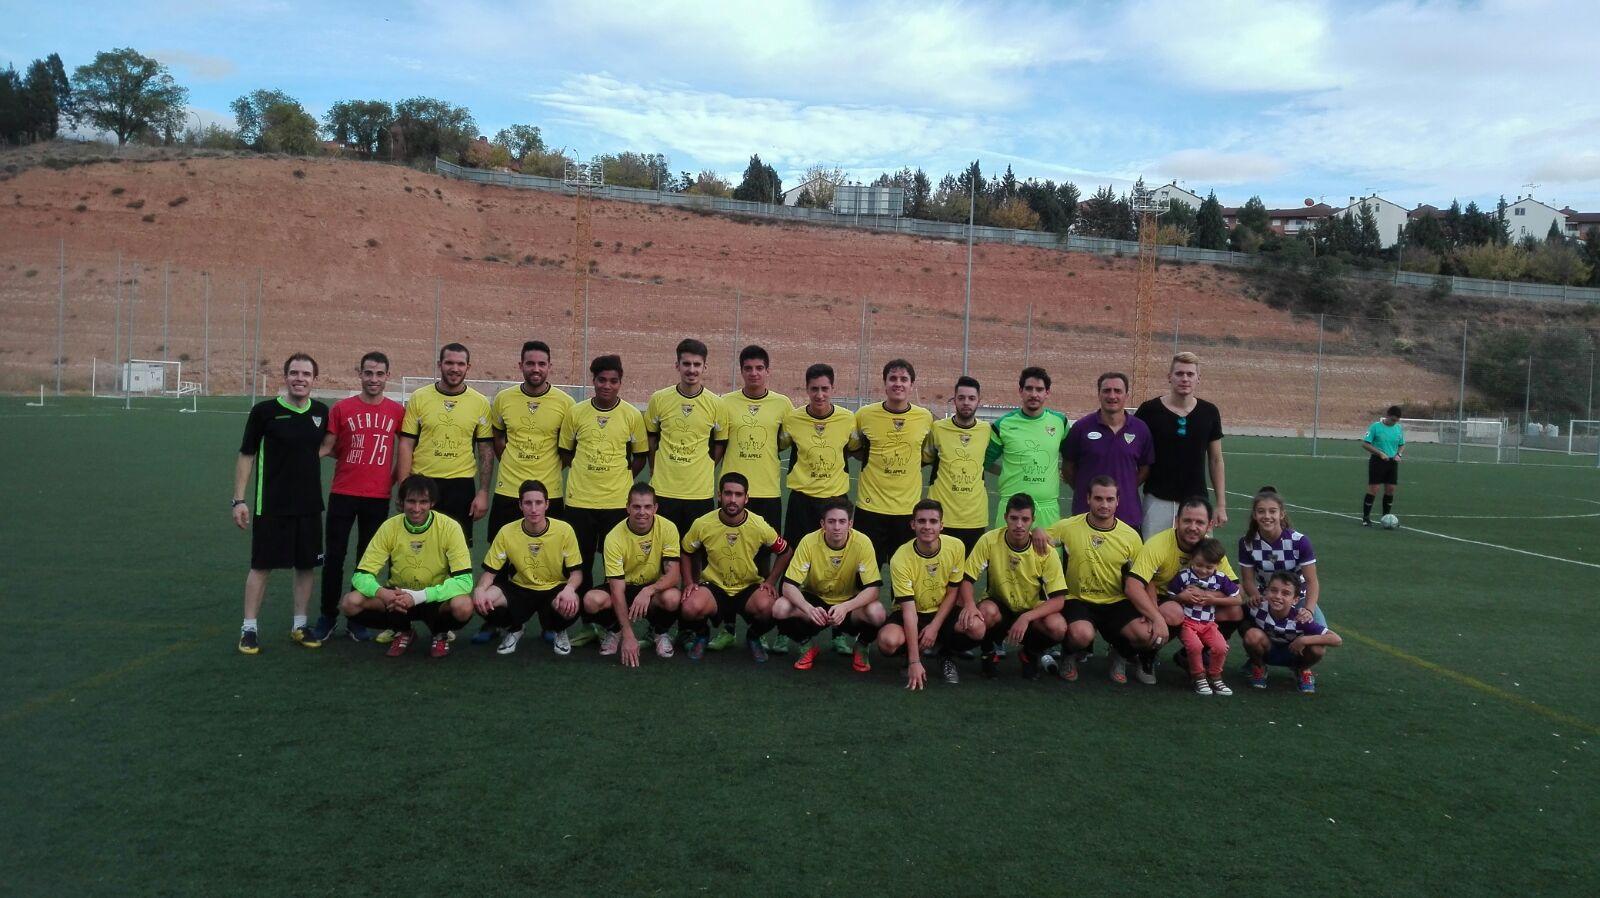 2017-10-02 equipo senior